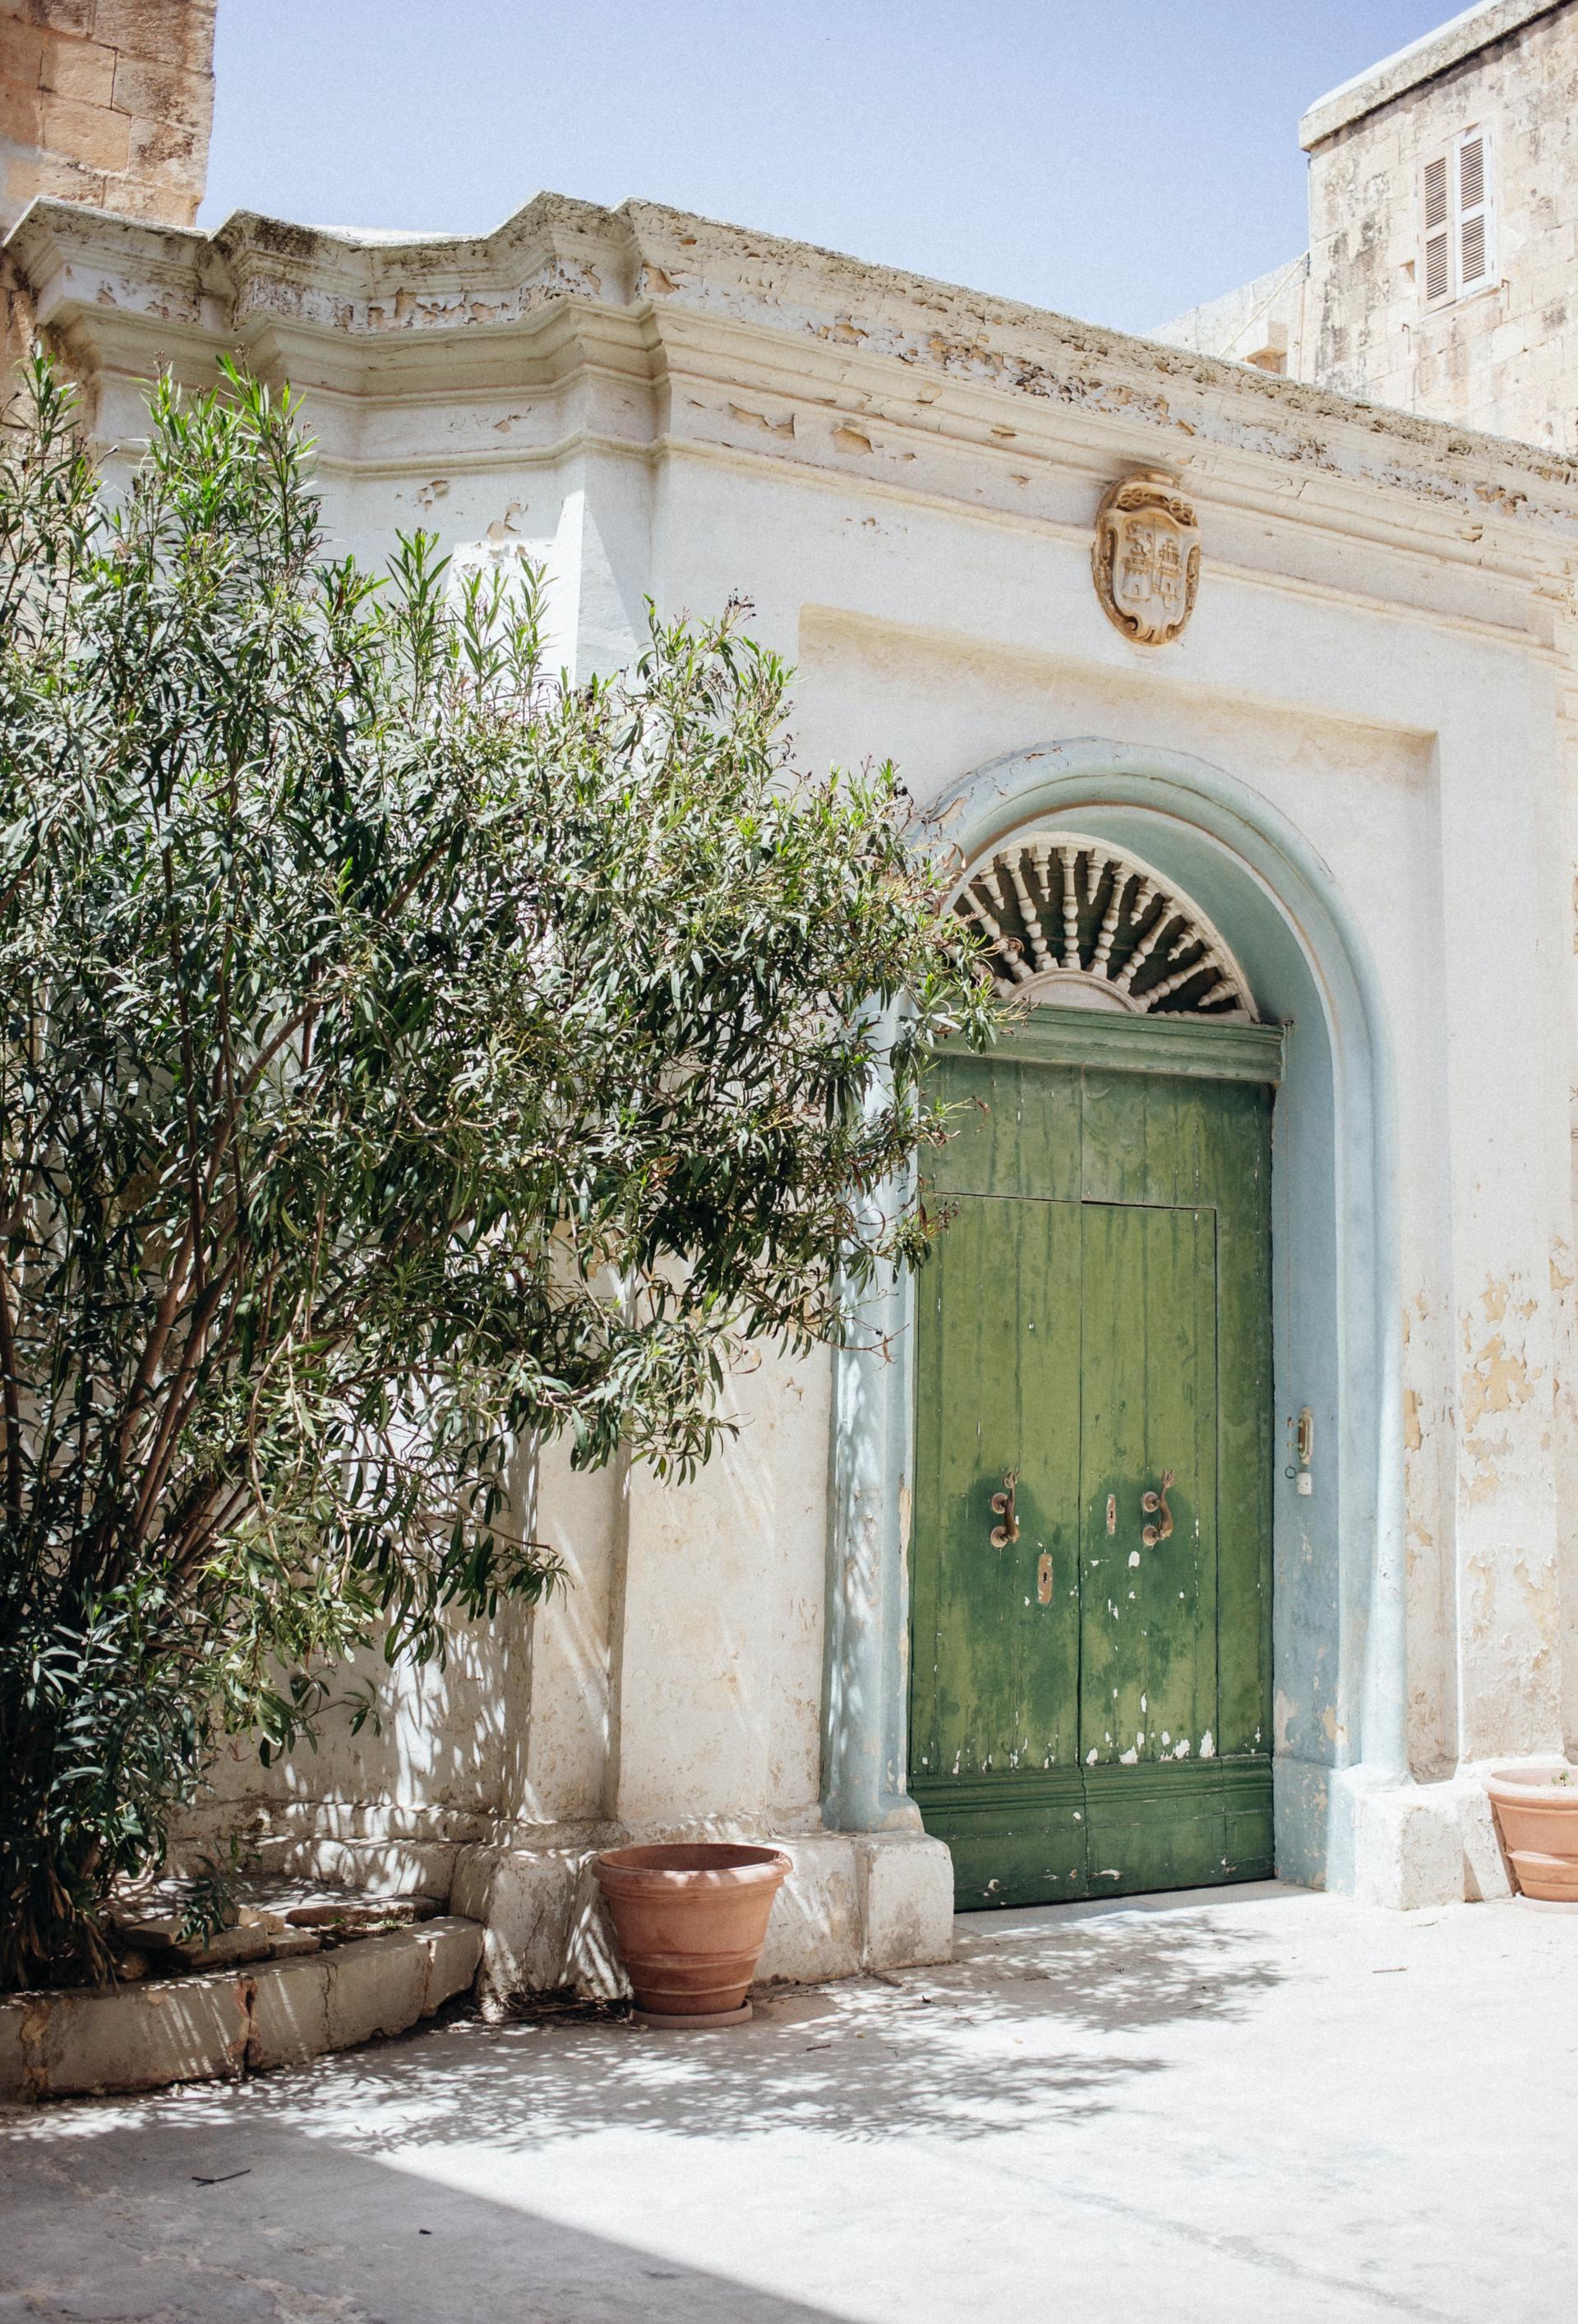 Oude groene deur op Malta met olijfboom